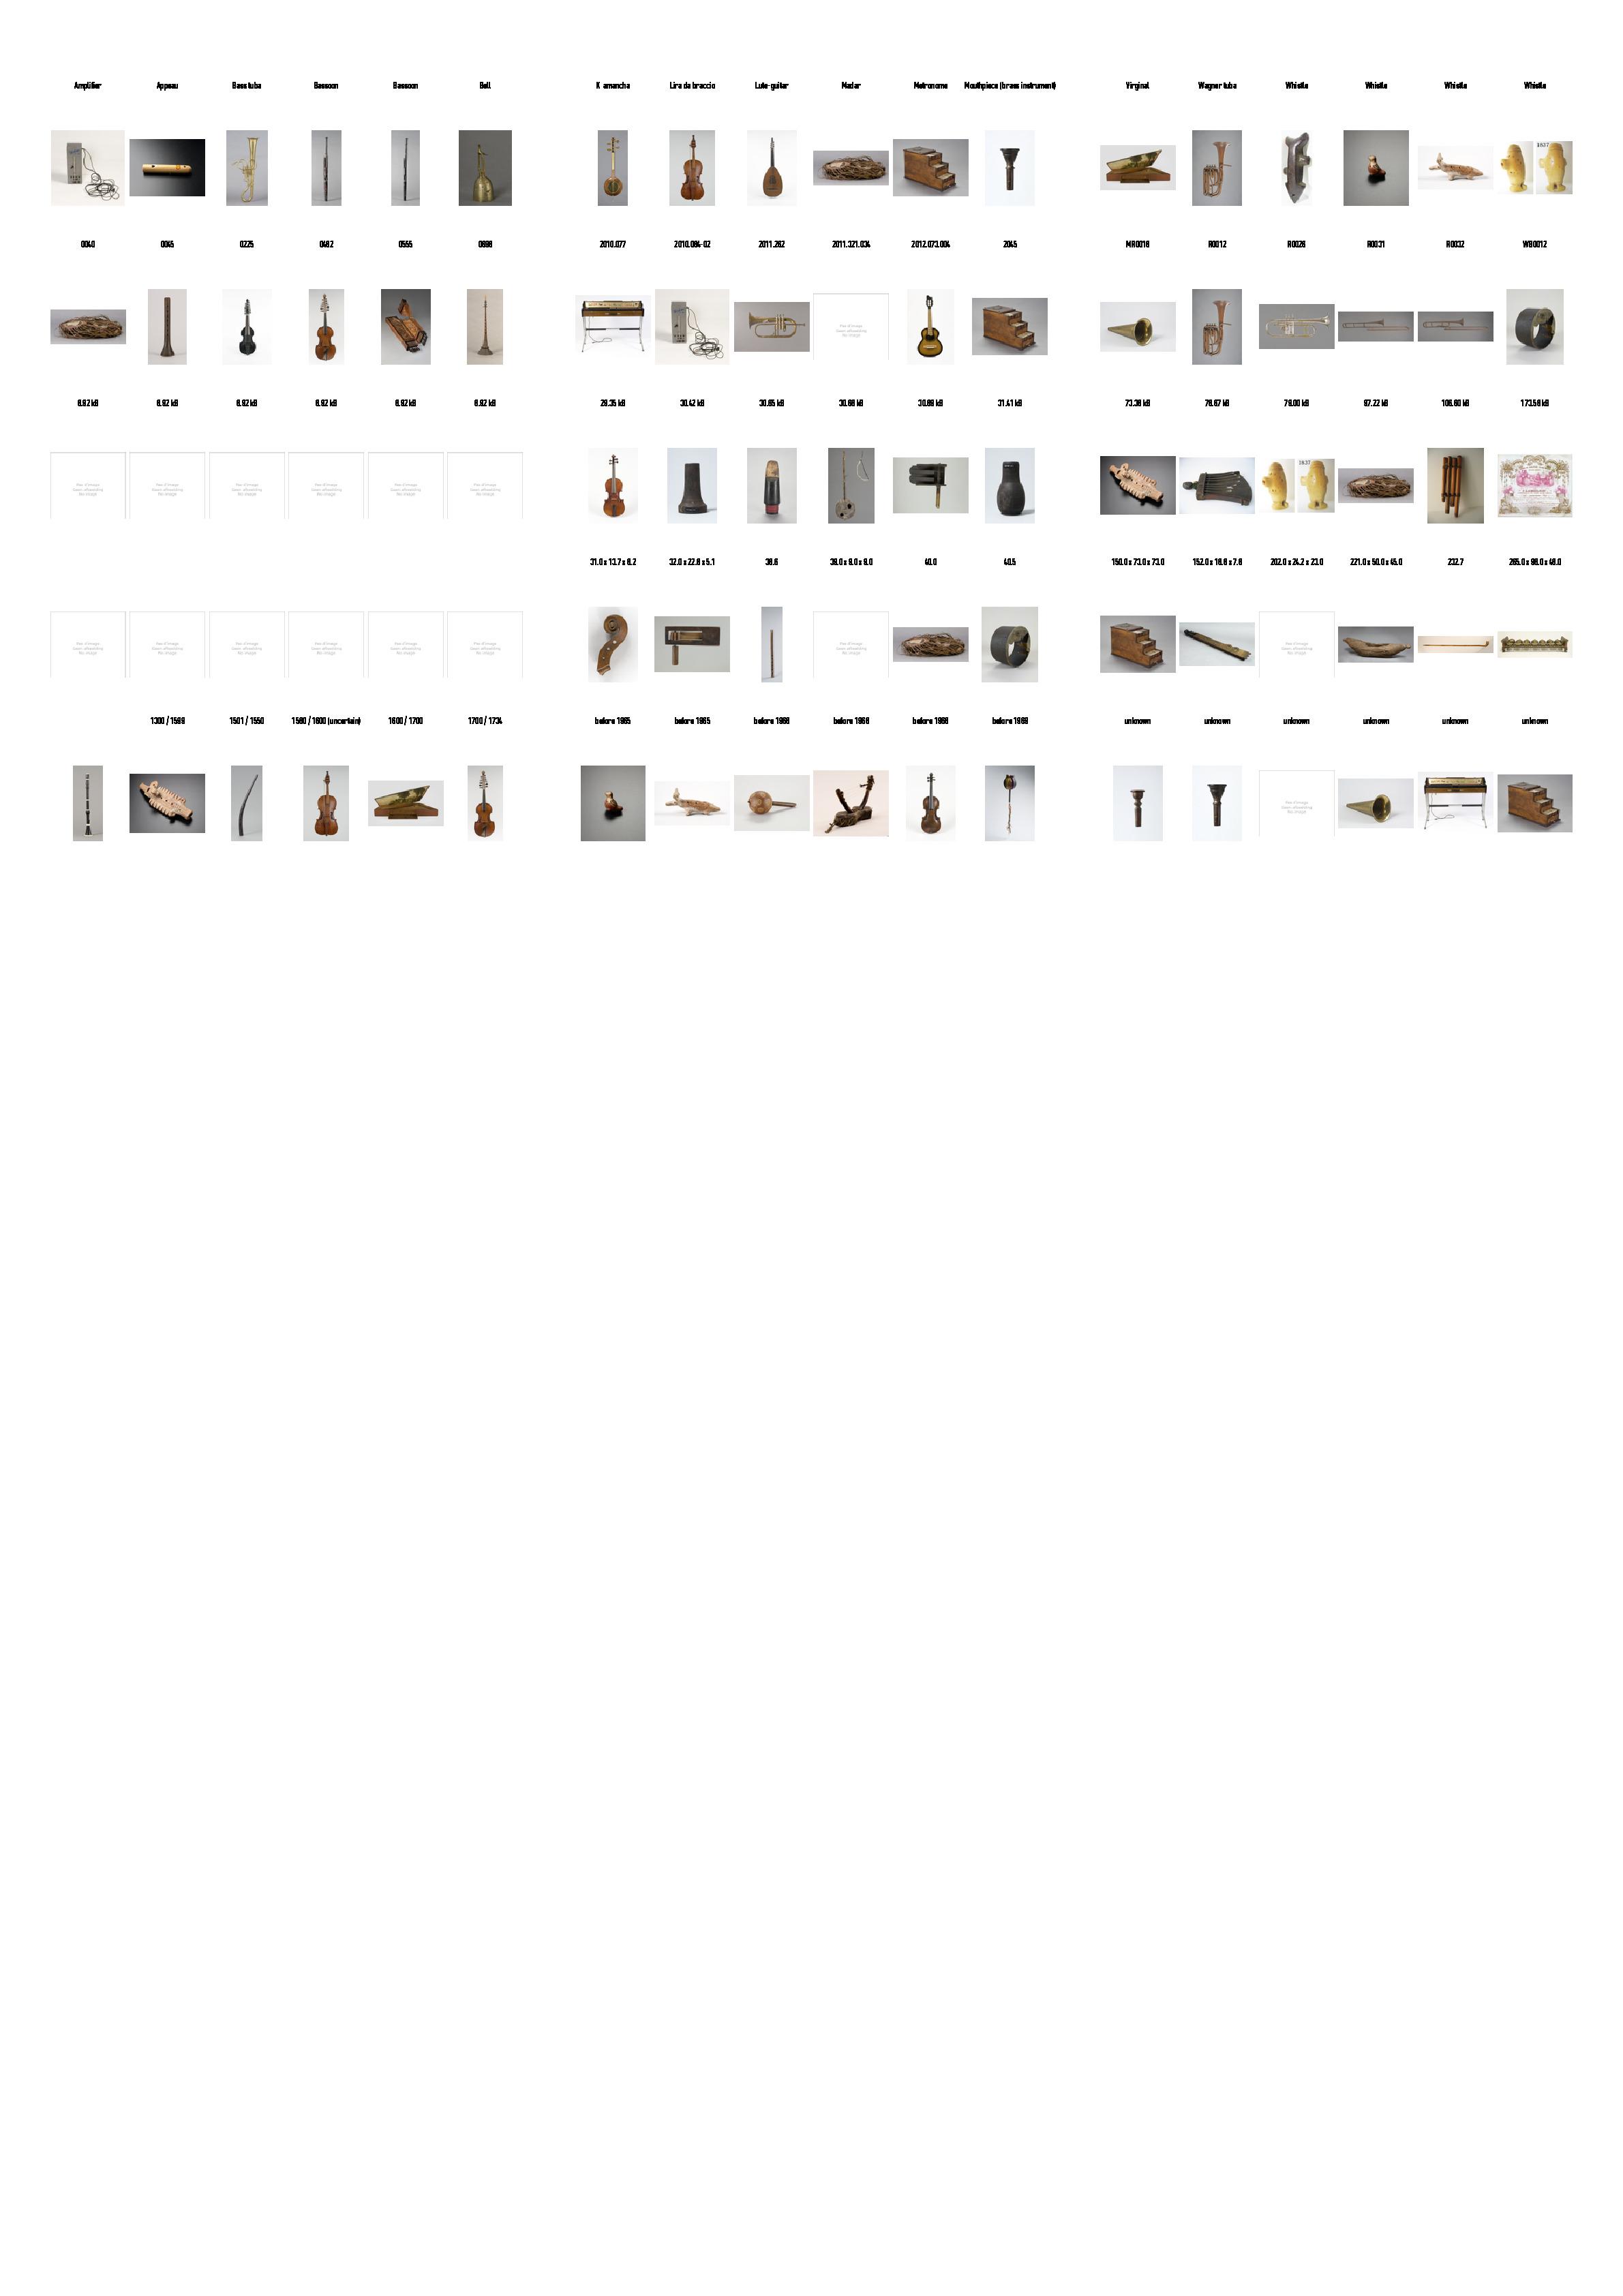 snapshots/01.jpg